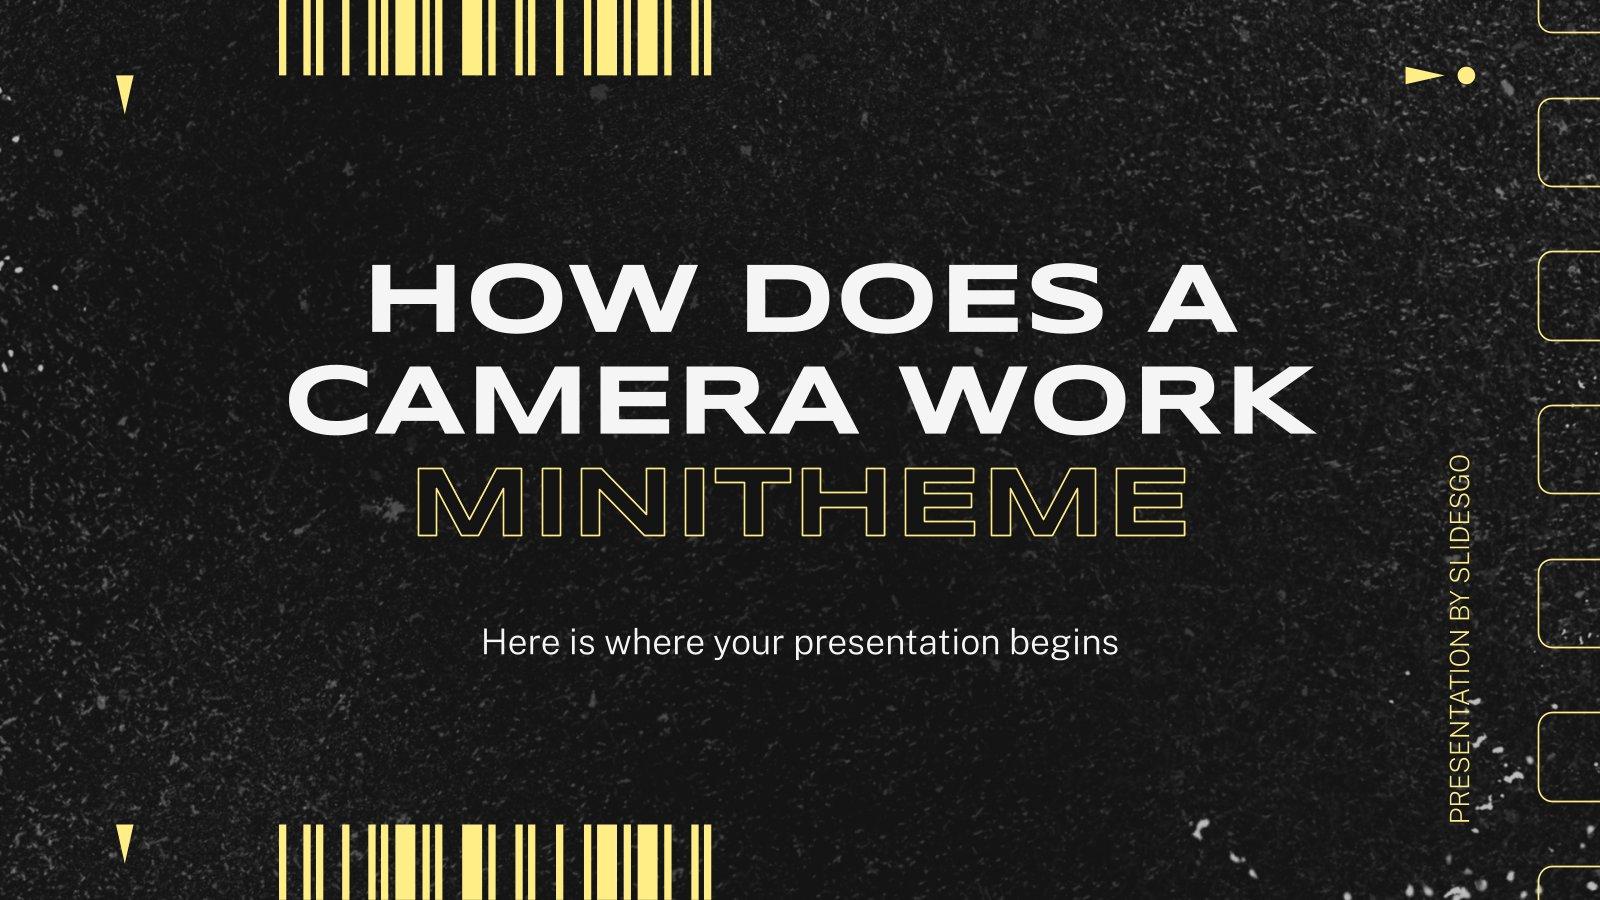 Plantilla de presentación Minitema: ¿Cómo funciona una cámara?